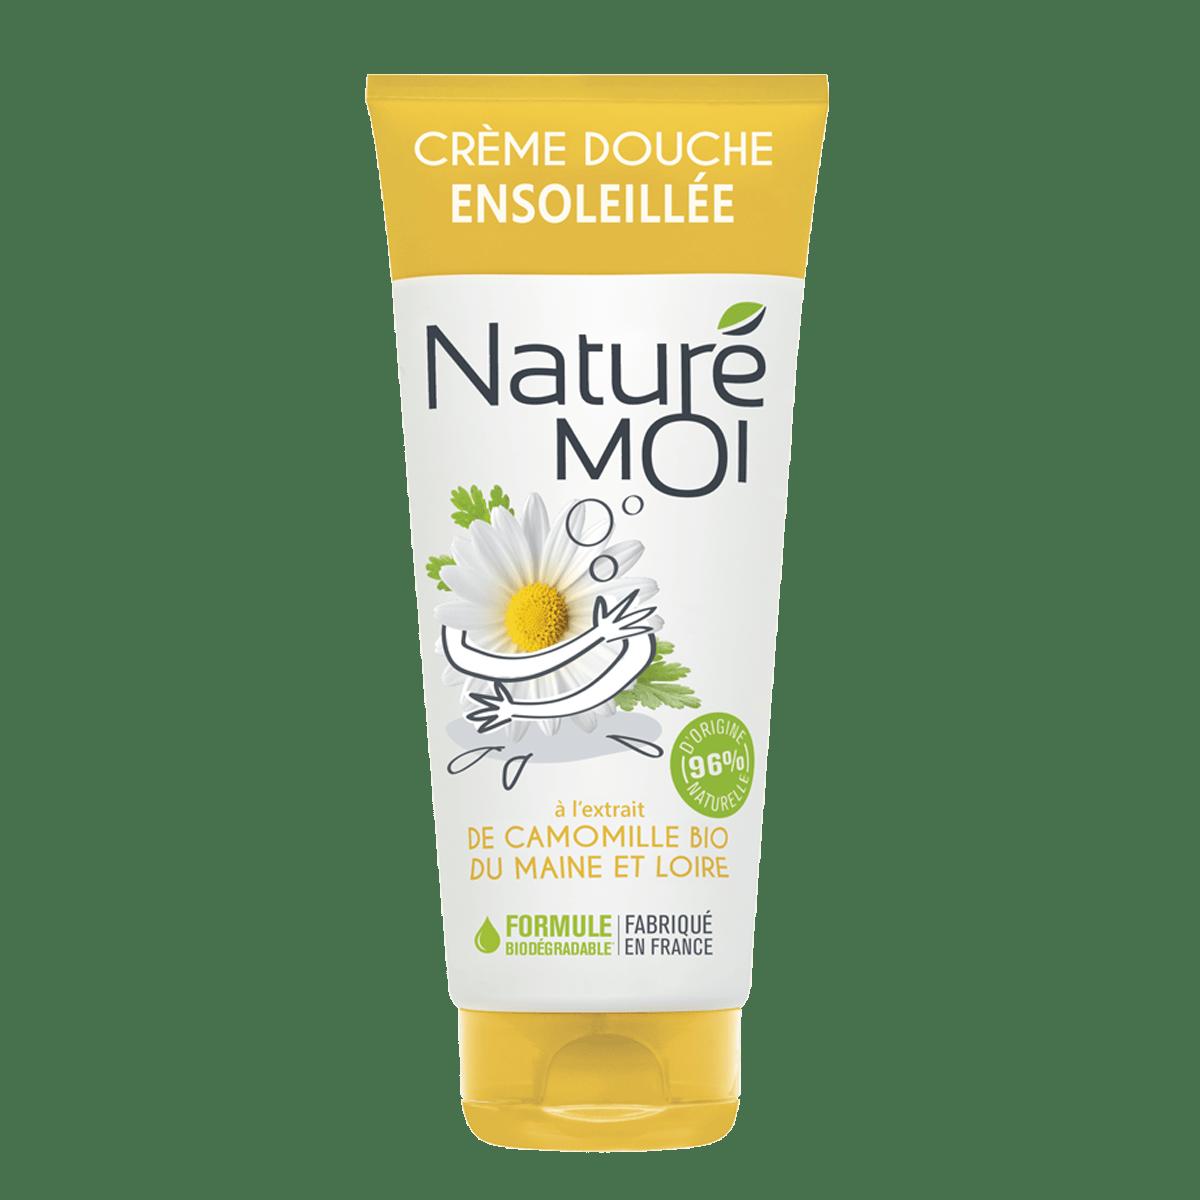 Image Crème Douche Ensoleillée à la camomille BIO du Maine et Loire